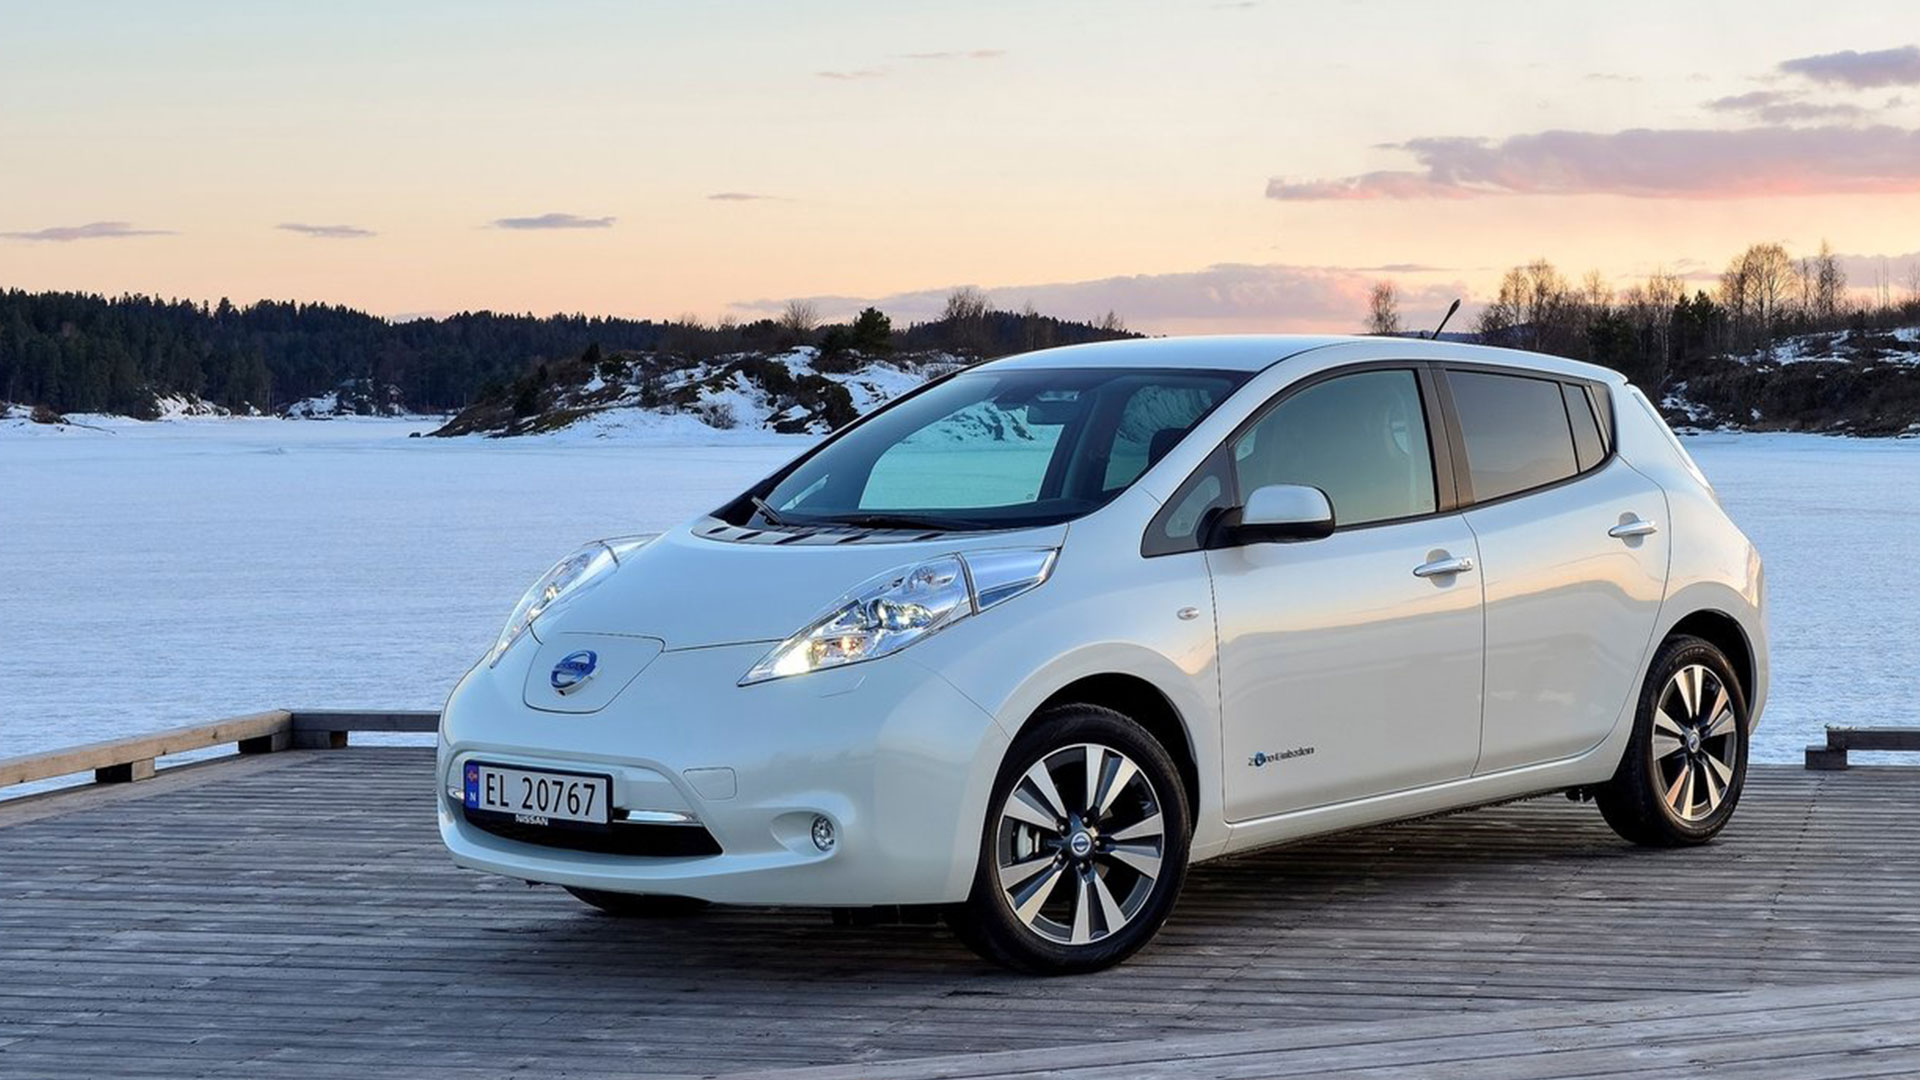 Украинцы стали чаще покупать электромобили: топ-5 самых известных моделей